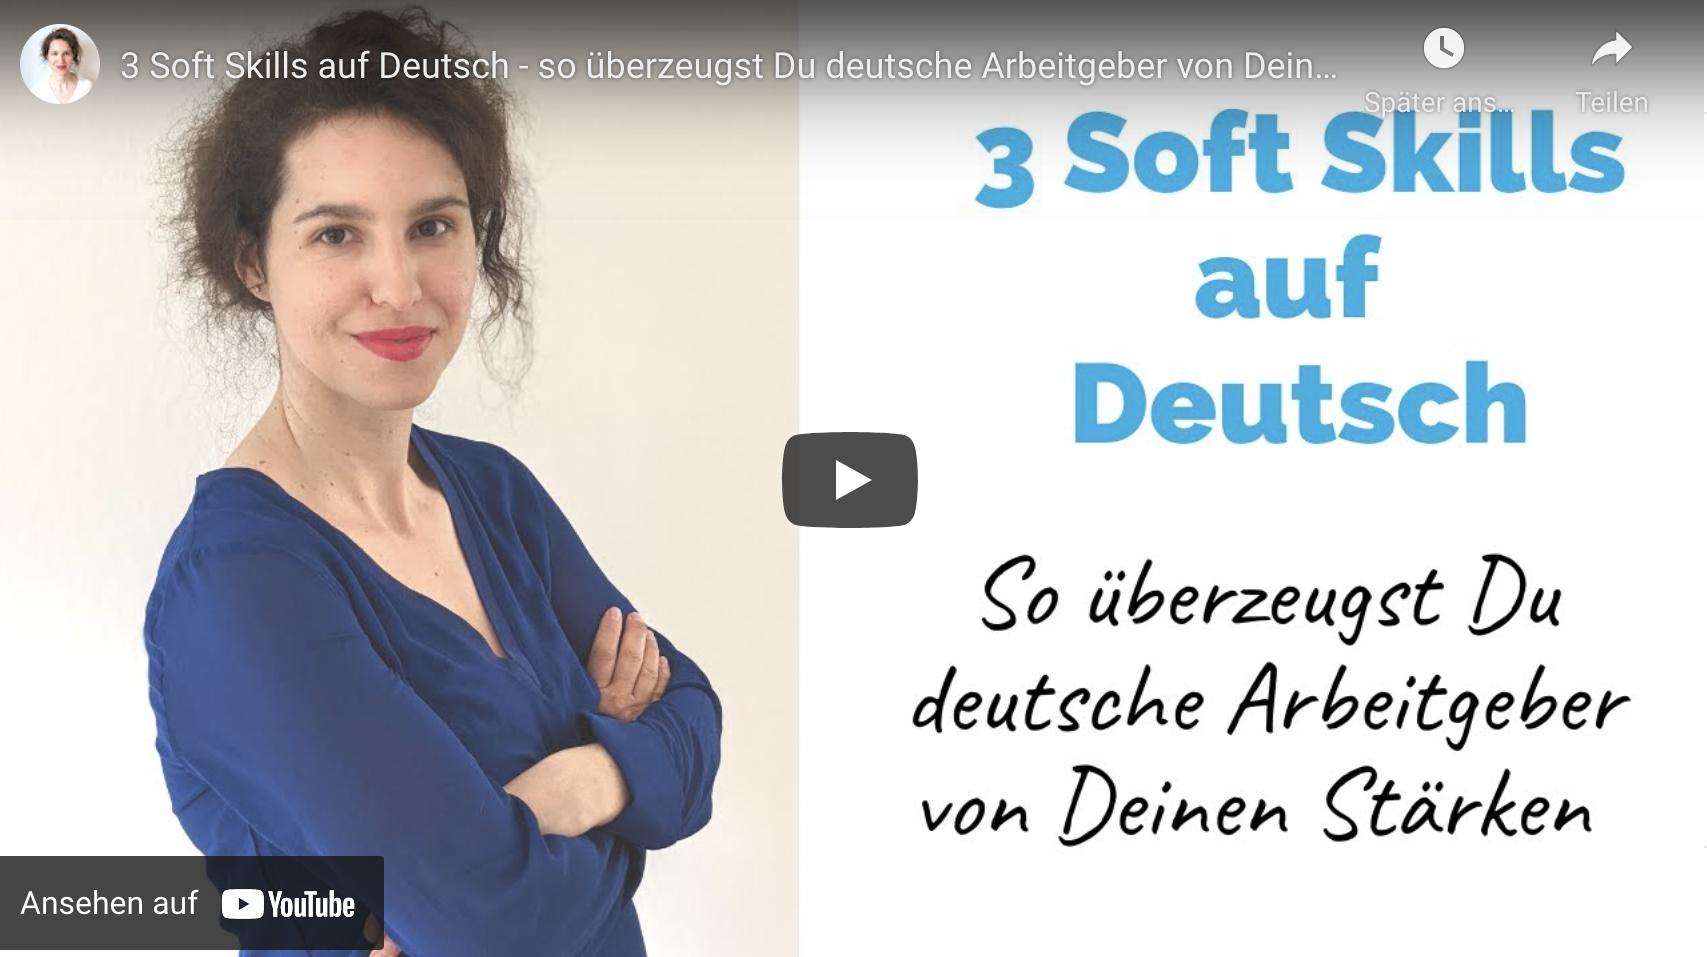 3 Soft Skills auf Deutsch – so überzeugst Du deutsche Arbeitgeber von Deinen Stärken